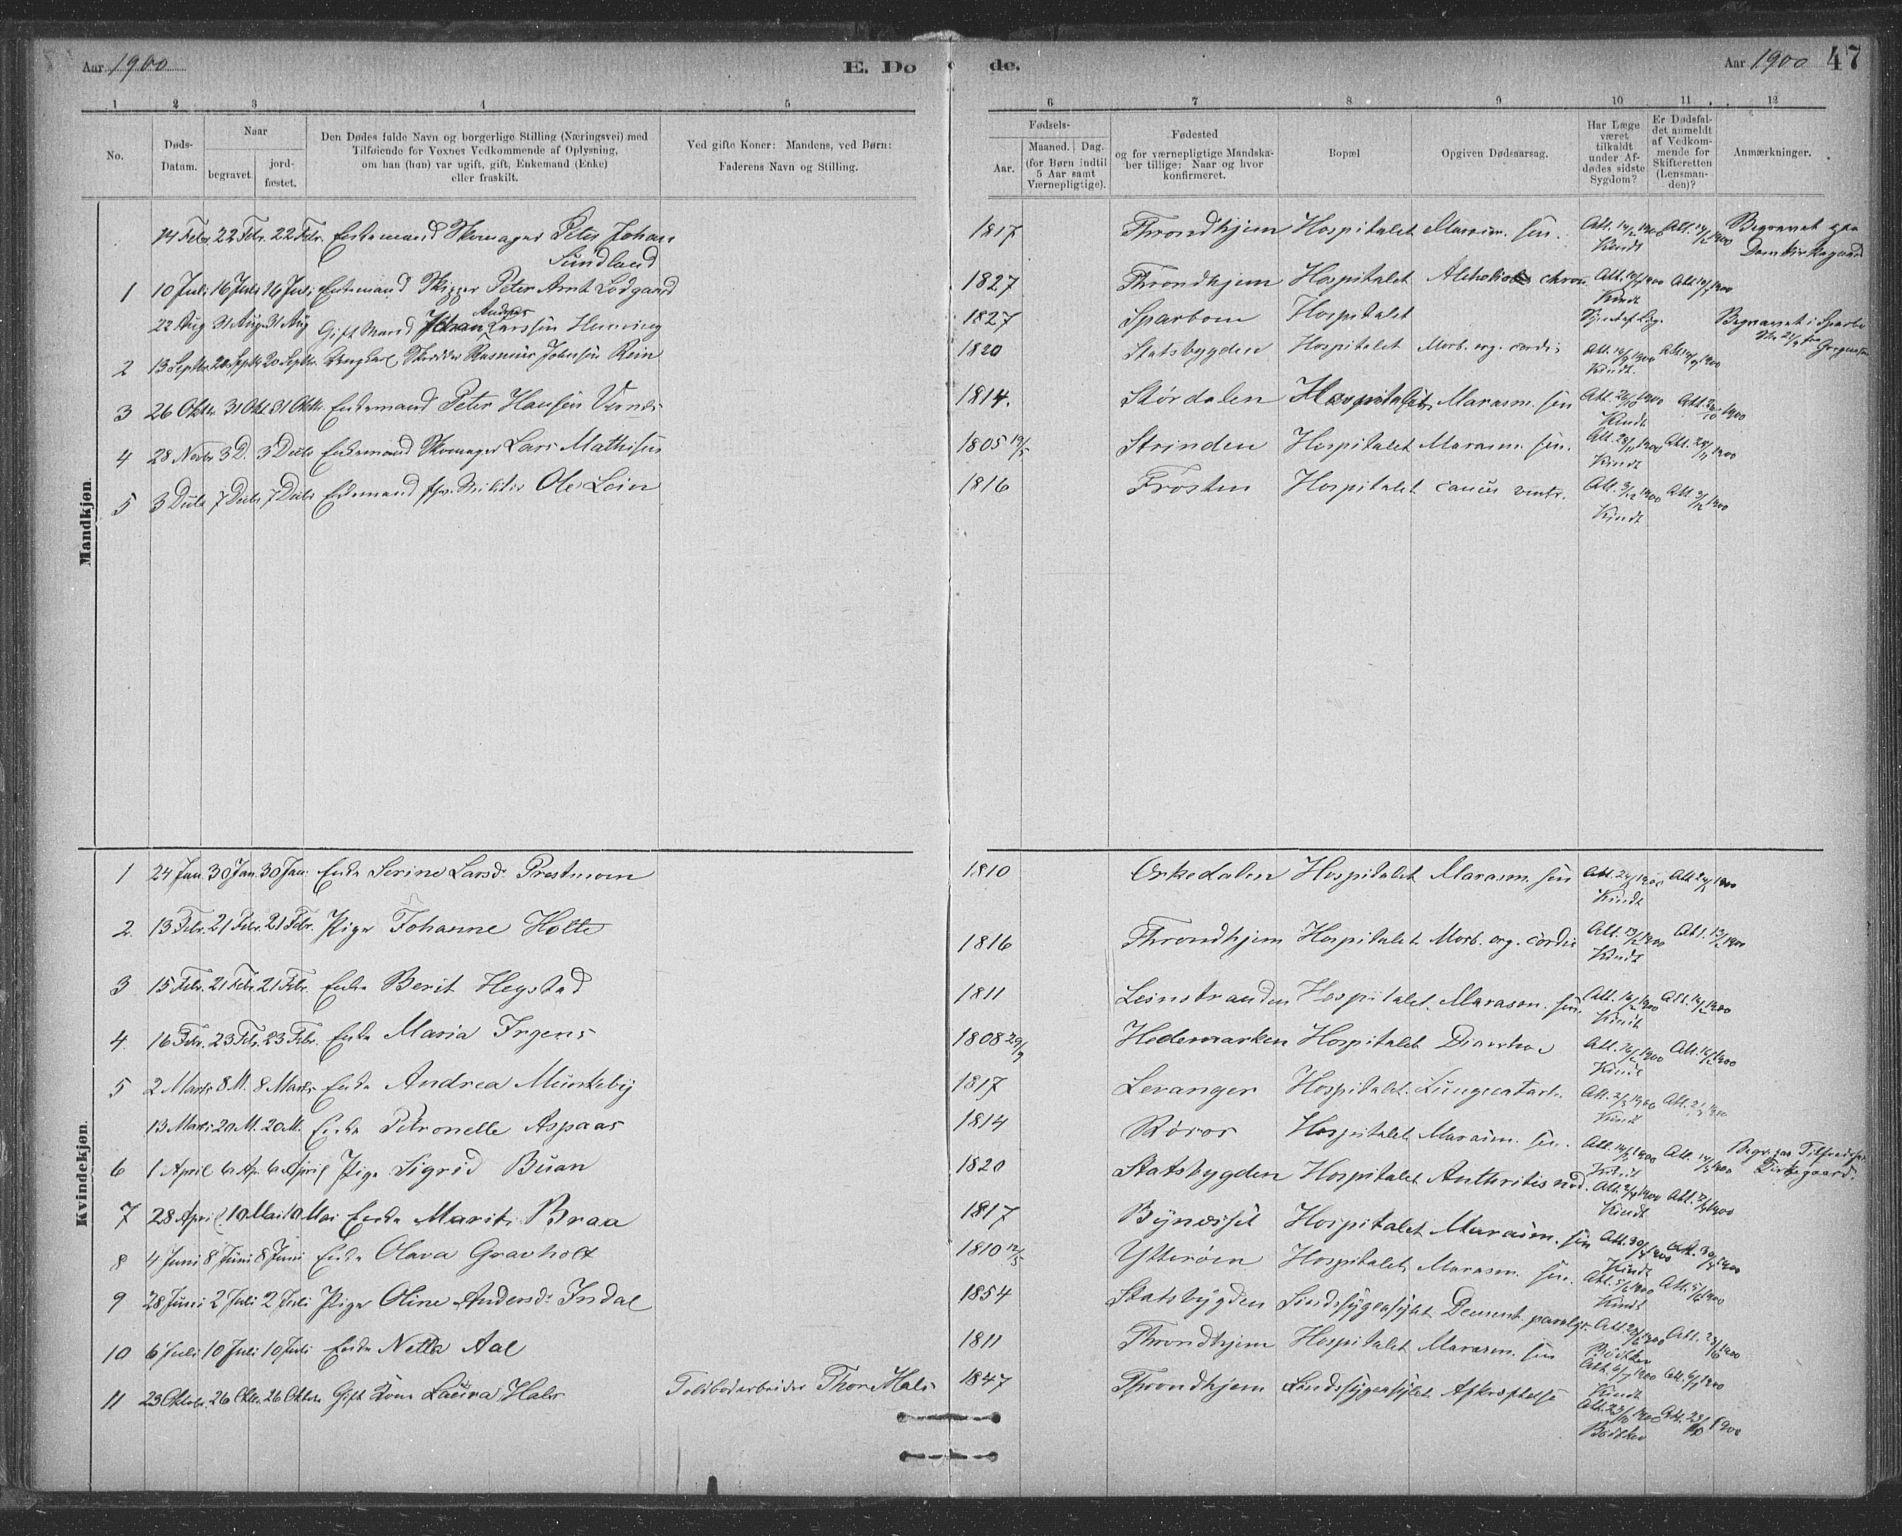 SAT, Ministerialprotokoller, klokkerbøker og fødselsregistre - Sør-Trøndelag, 623/L0470: Ministerialbok nr. 623A04, 1884-1938, s. 47